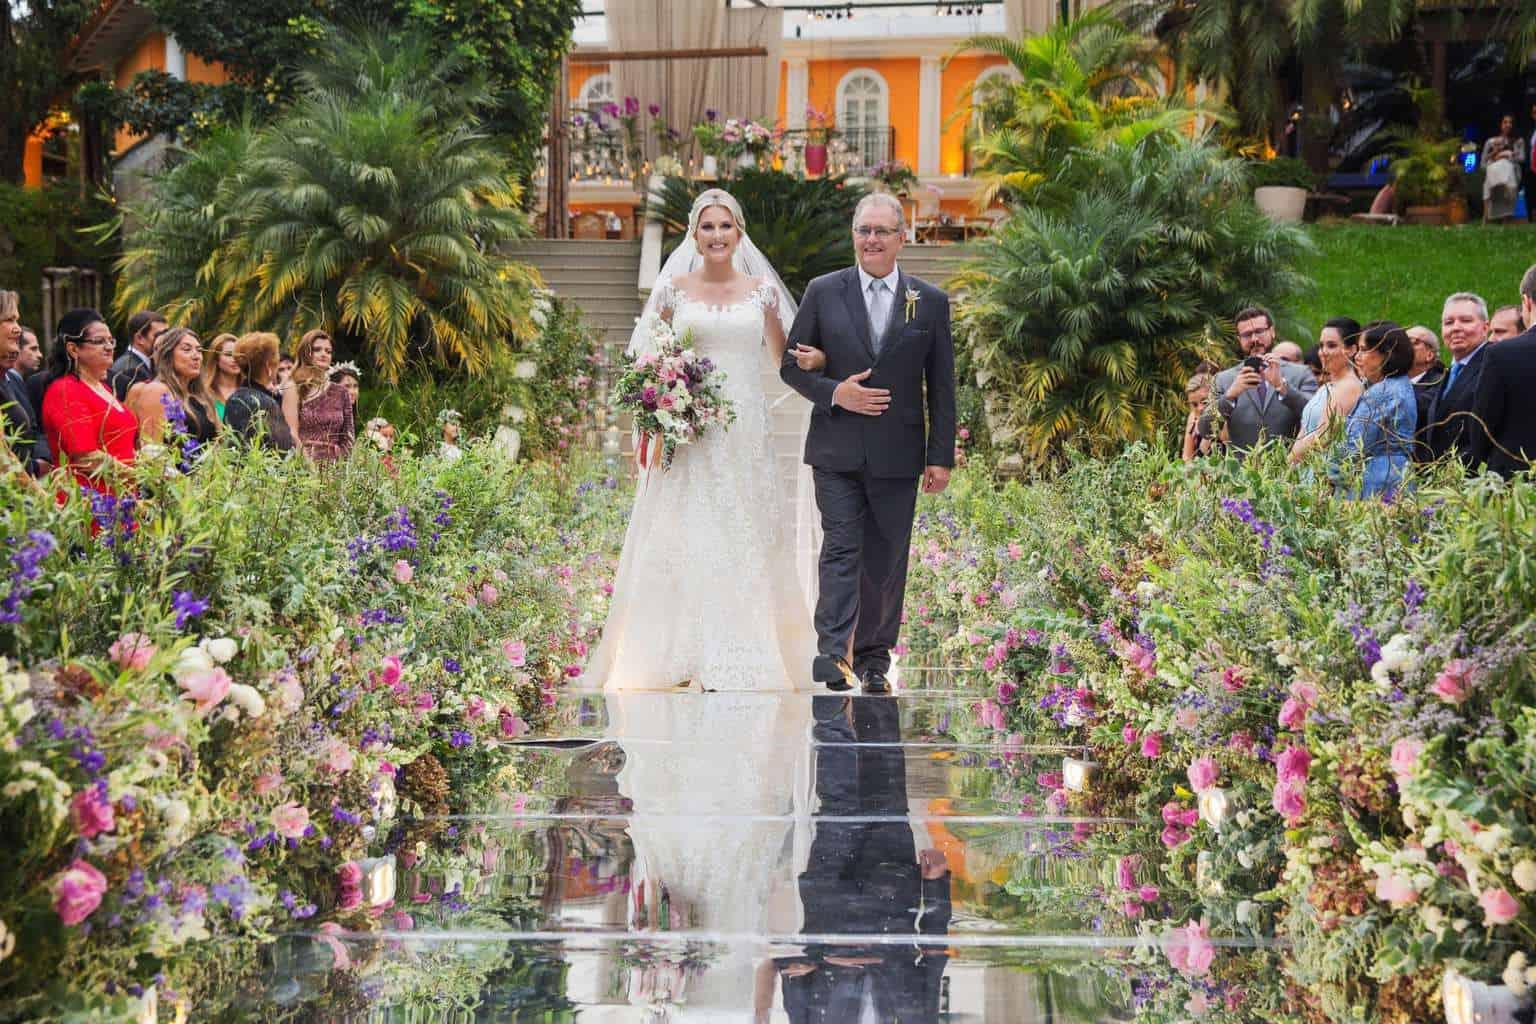 Andrea-Kapps-casamento-de-dia-casamento-na-serra-casamento-romântico-casamento-tradicional-Locanda-de-La-Mimosa-rosa-e-lilás-casamento-19